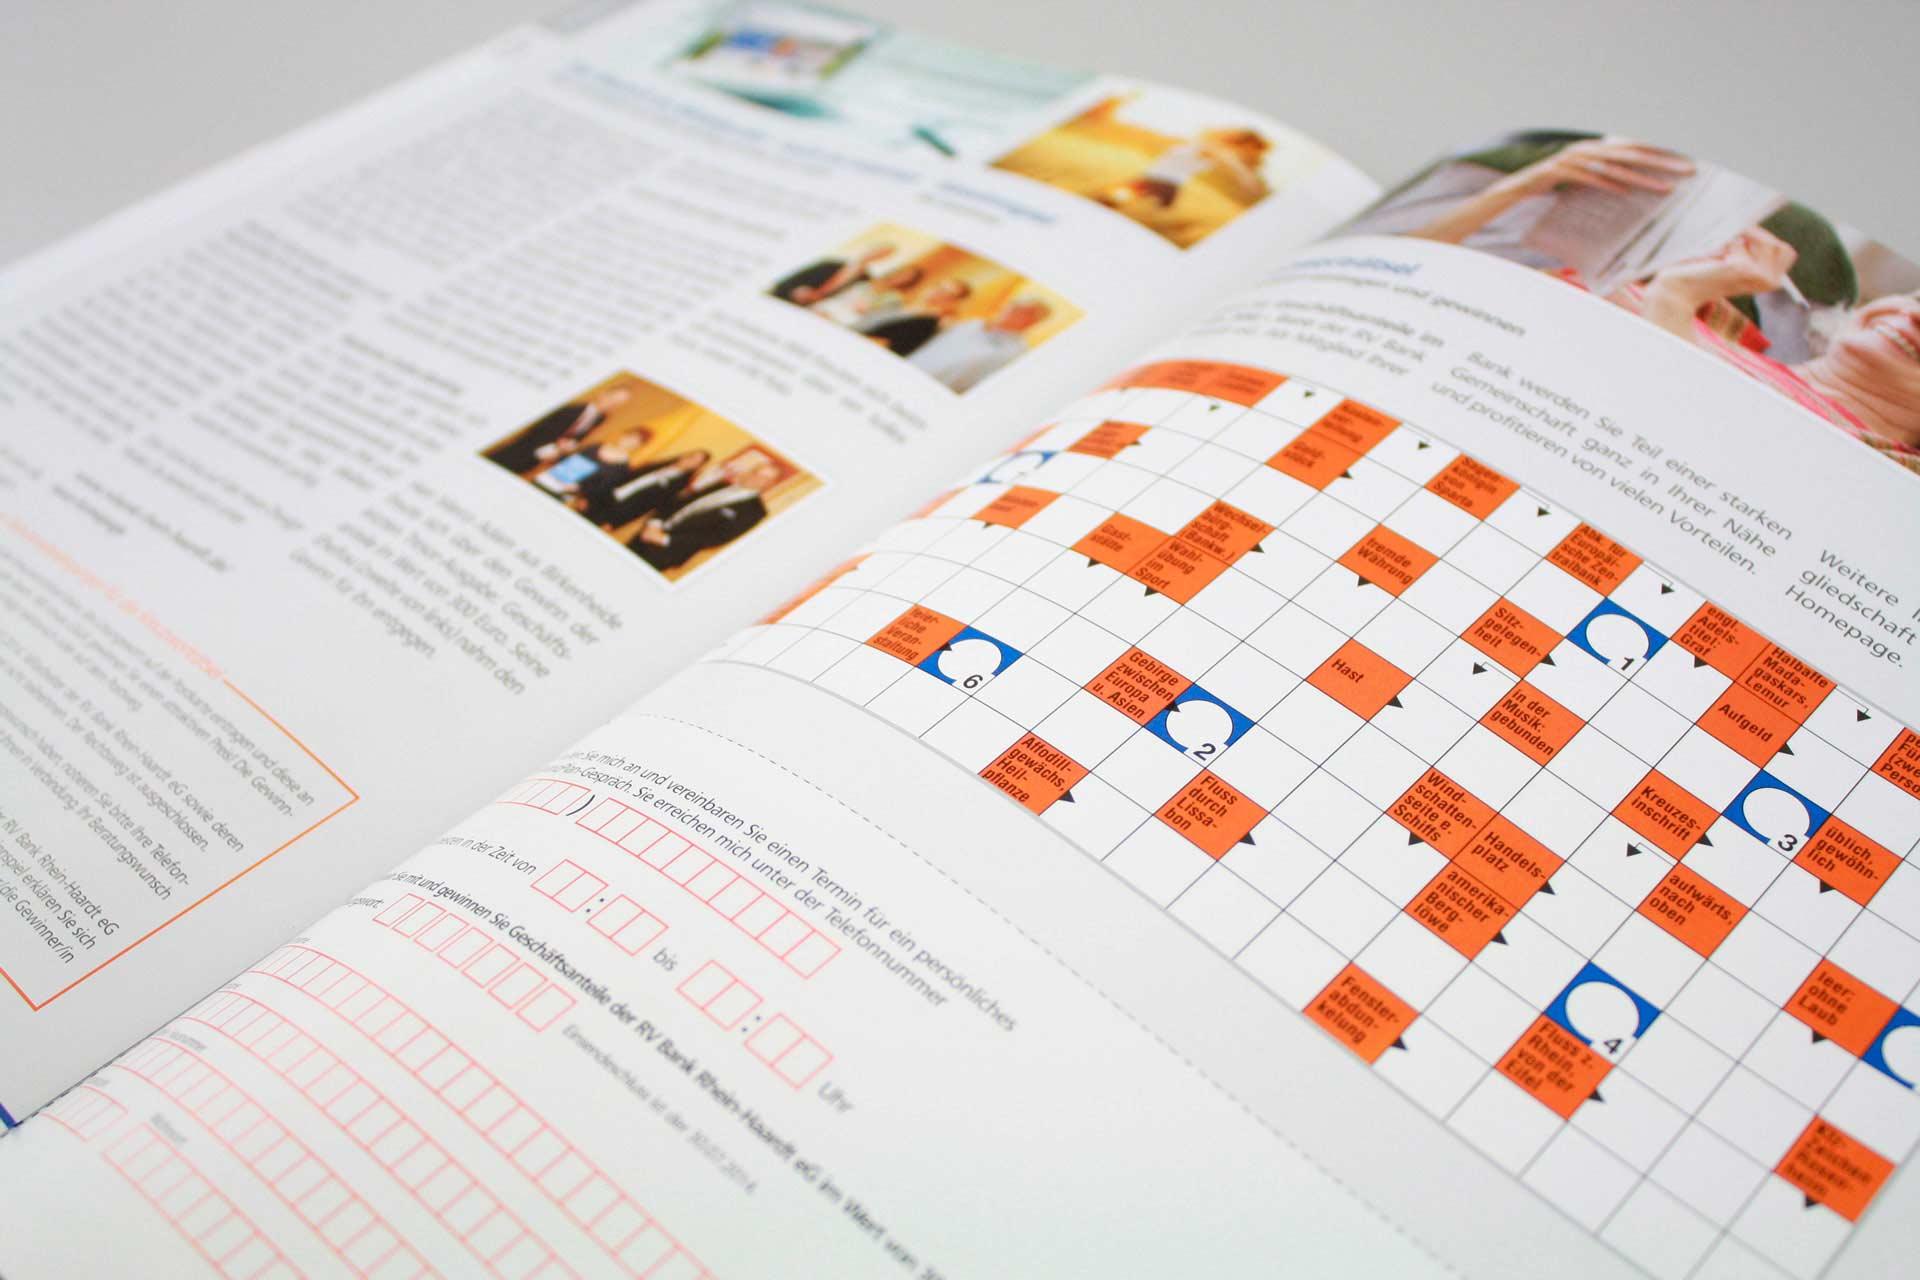 Kundenmagazin zur emotionalen Kundenbindung - MATRICKS MARKETING